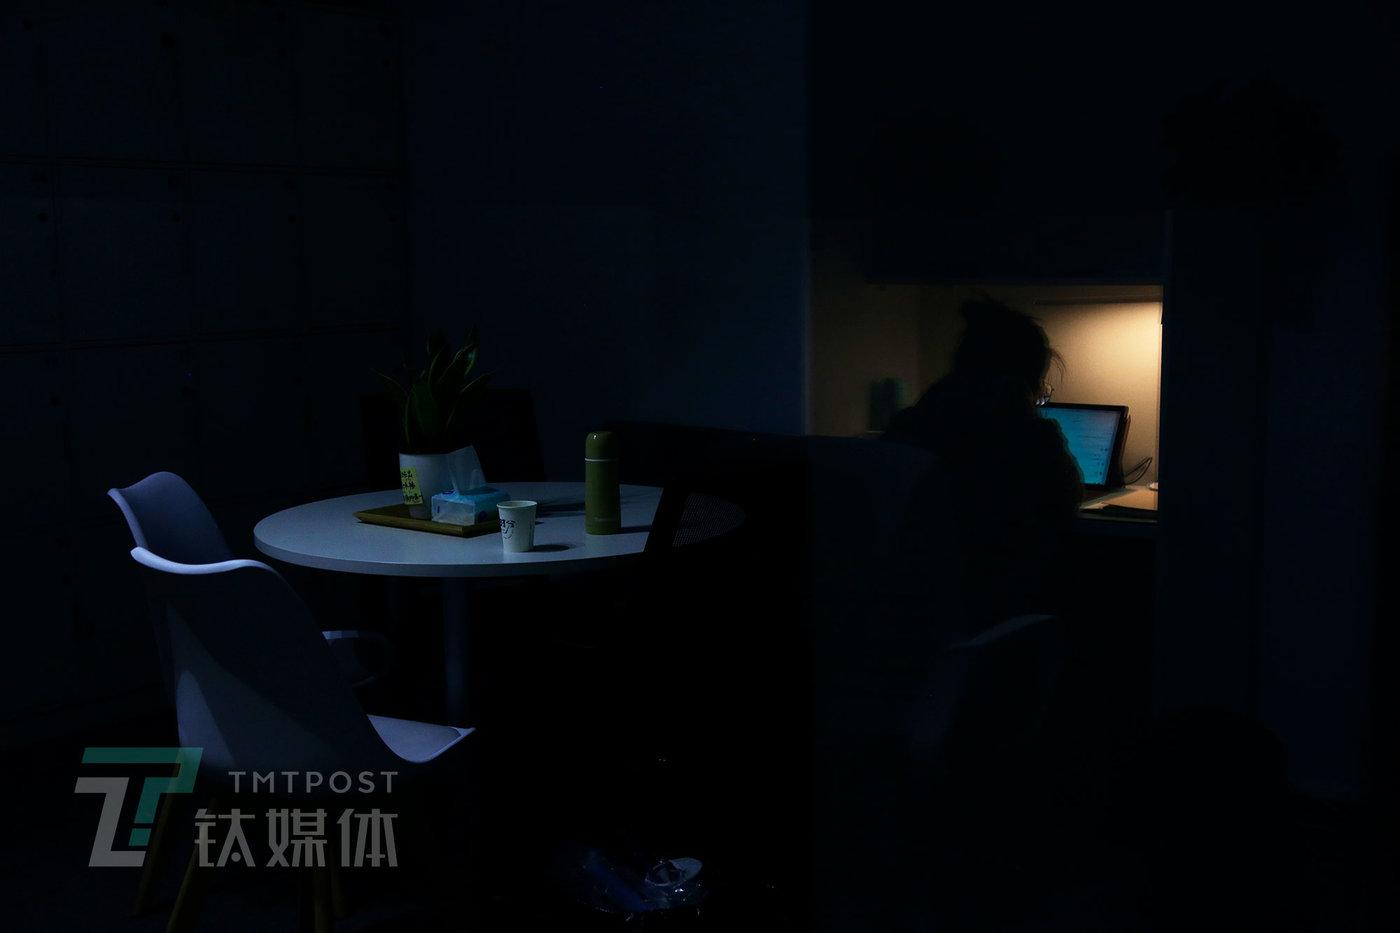 11月24日晚11点,啾啾在做英语题。这一晚,她准备留在自习室刷夜。